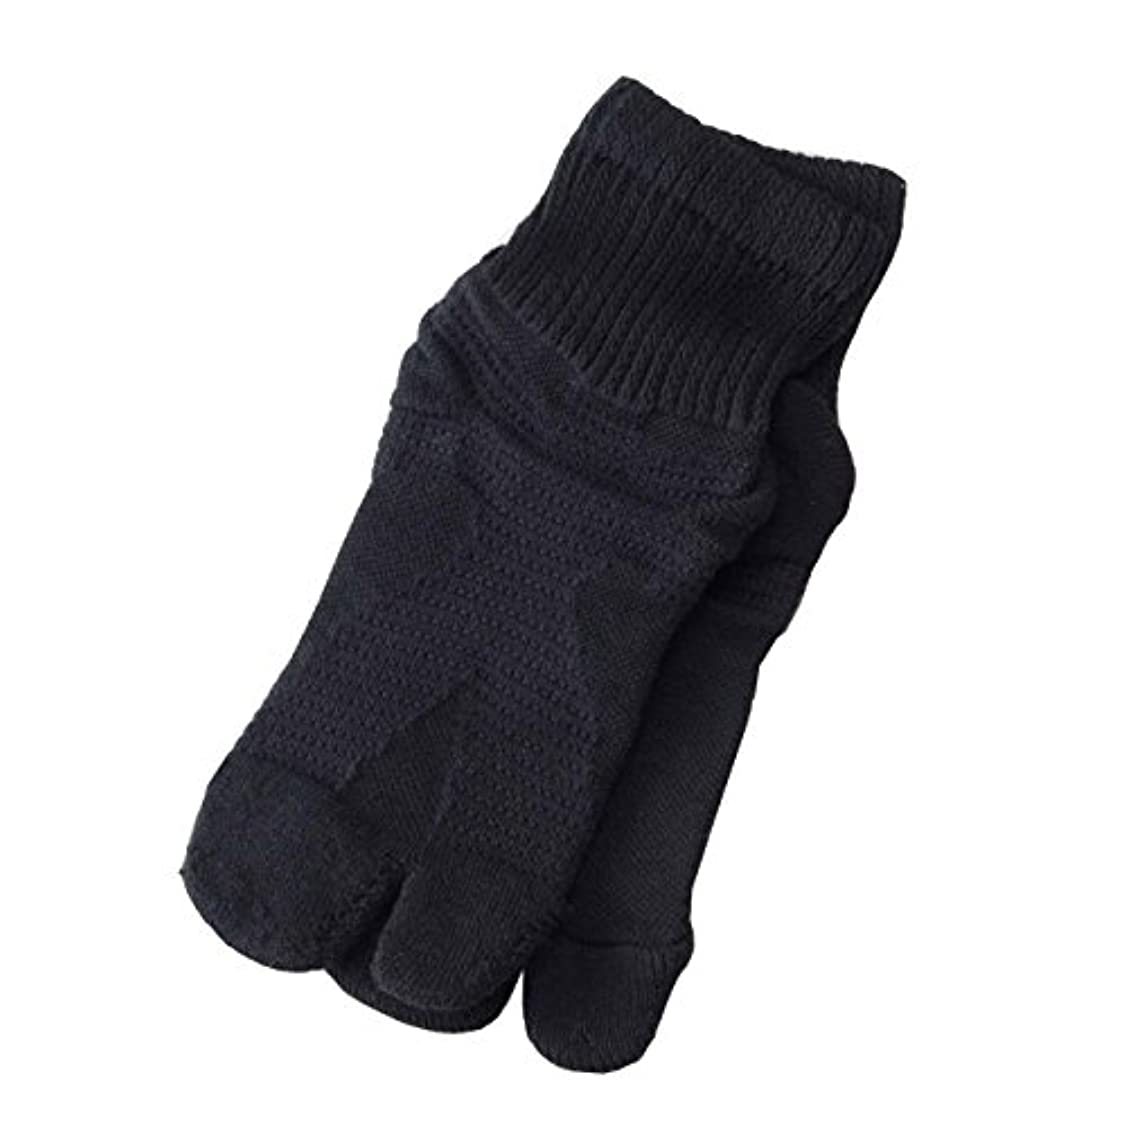 保護するプラス一緒に日本製歩行サポート足袋ソックス (ブラック, 23~25cm)